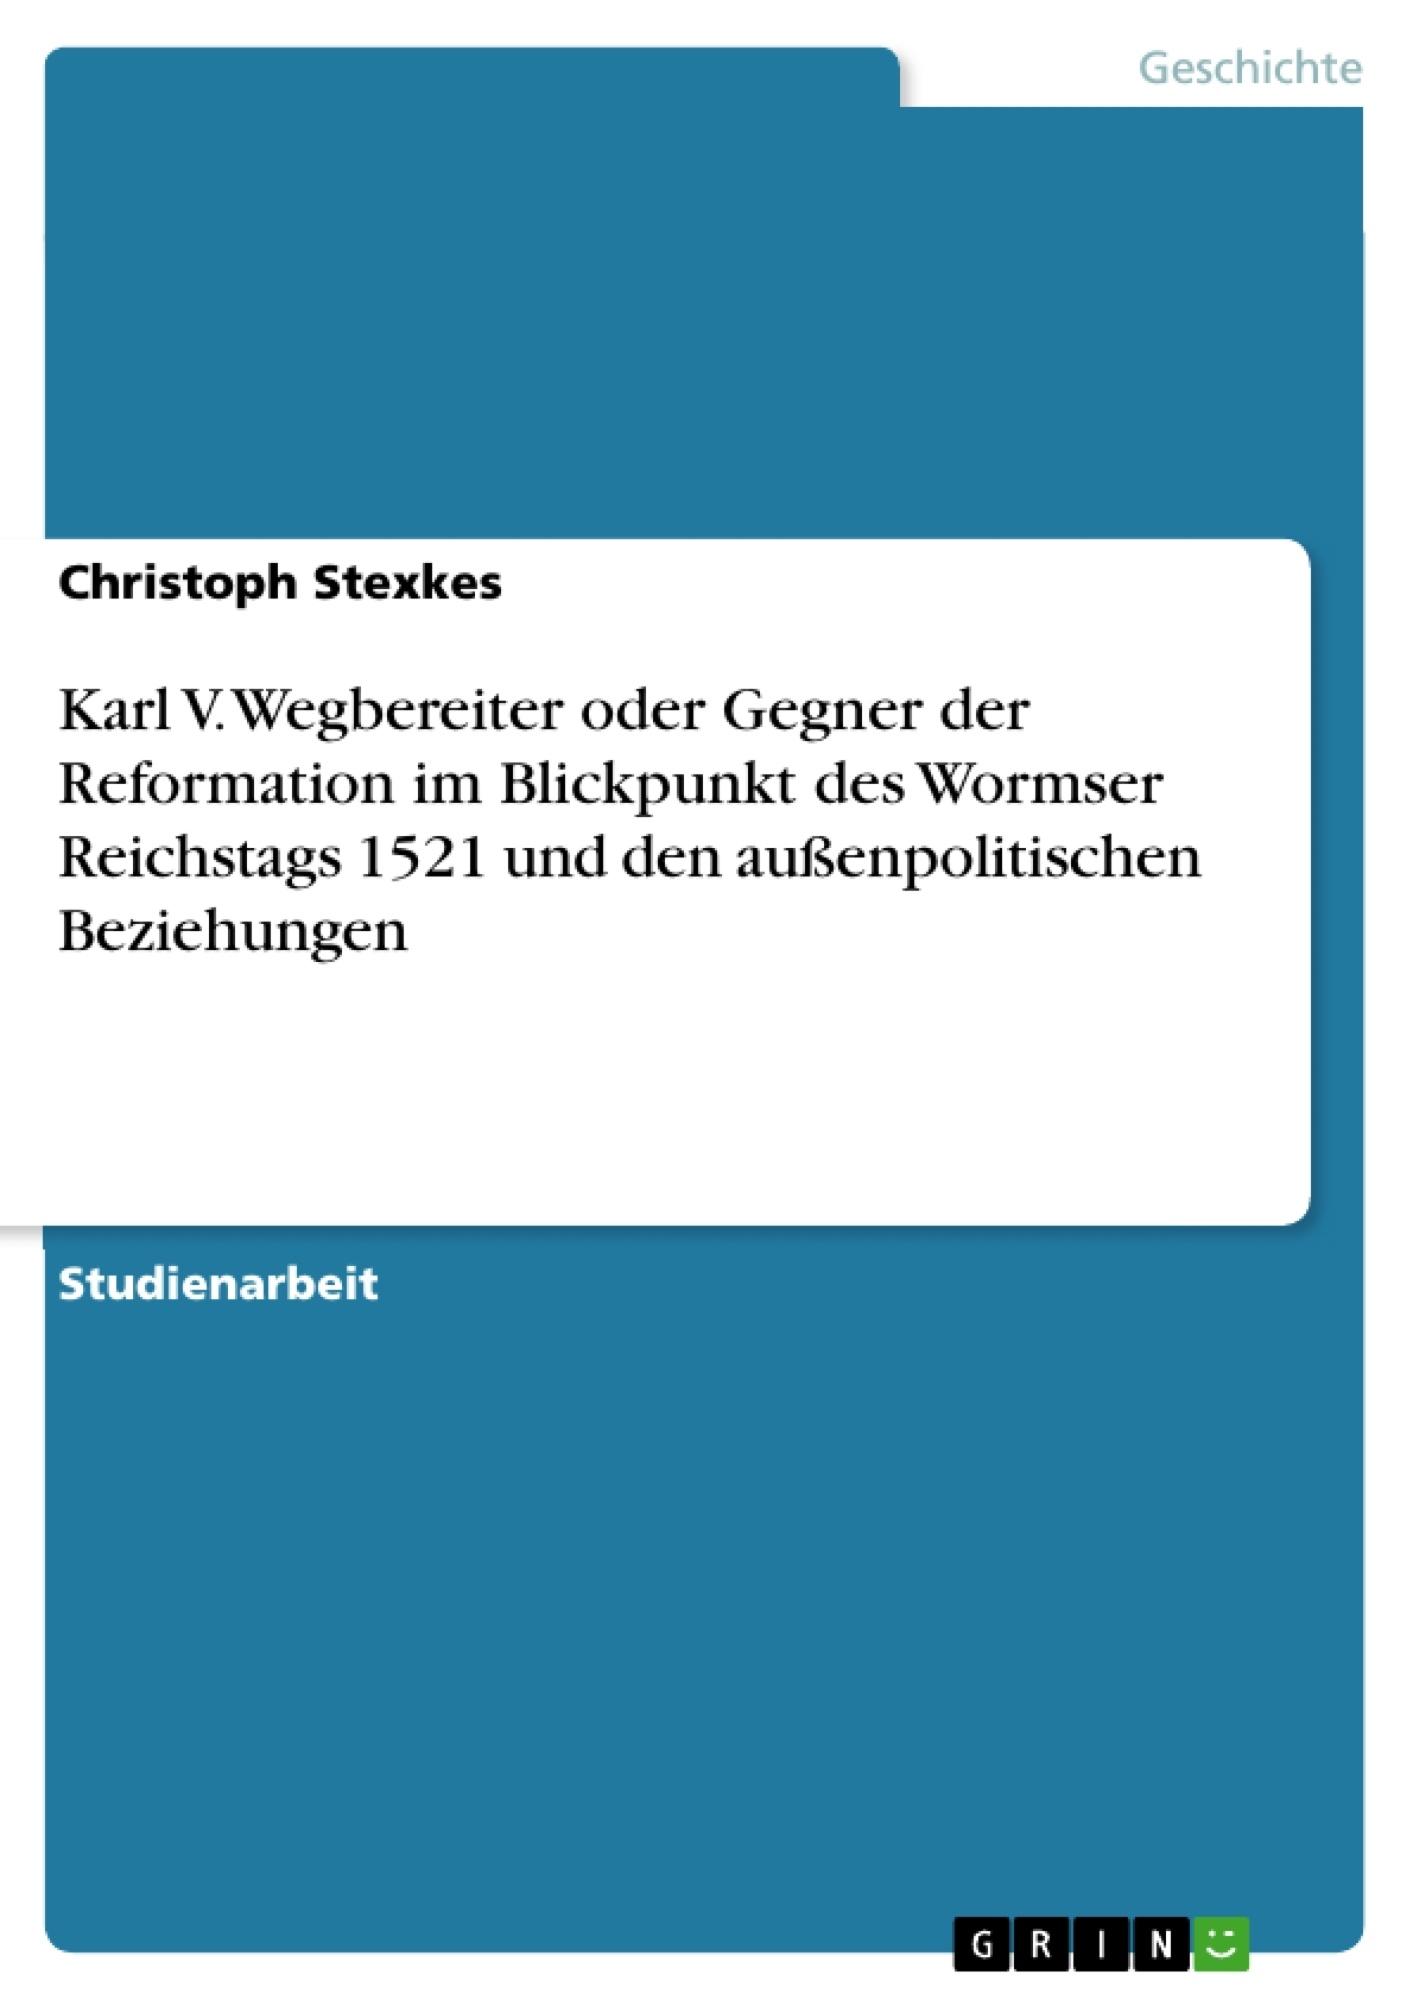 Titel: Karl V. Wegbereiter oder Gegner der Reformation im Blickpunkt des Wormser Reichstags 1521 und den außenpolitischen Beziehungen